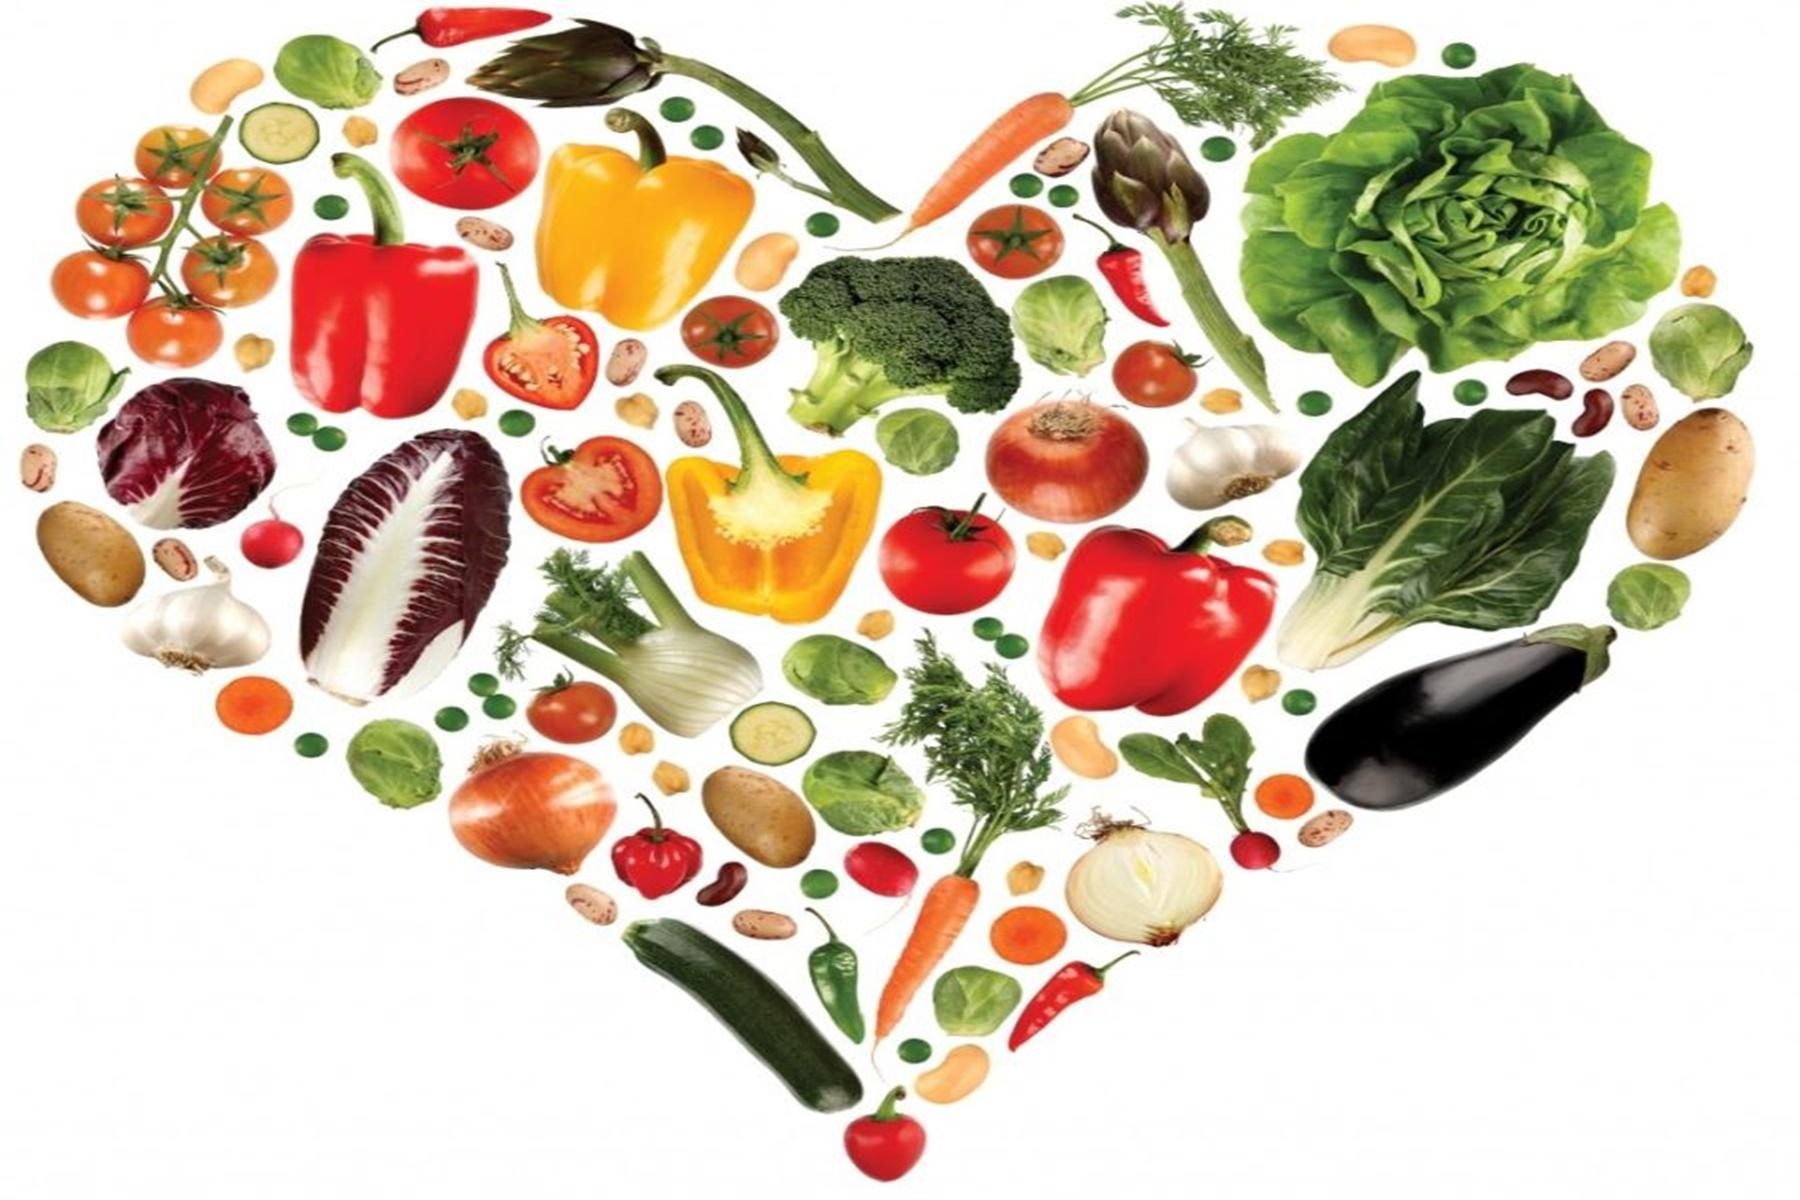 ΔΙΑΤΡΟΦΗ  KAI ΥΓΕΙΑ: 6 Συμβουλές για μείωση βάρους